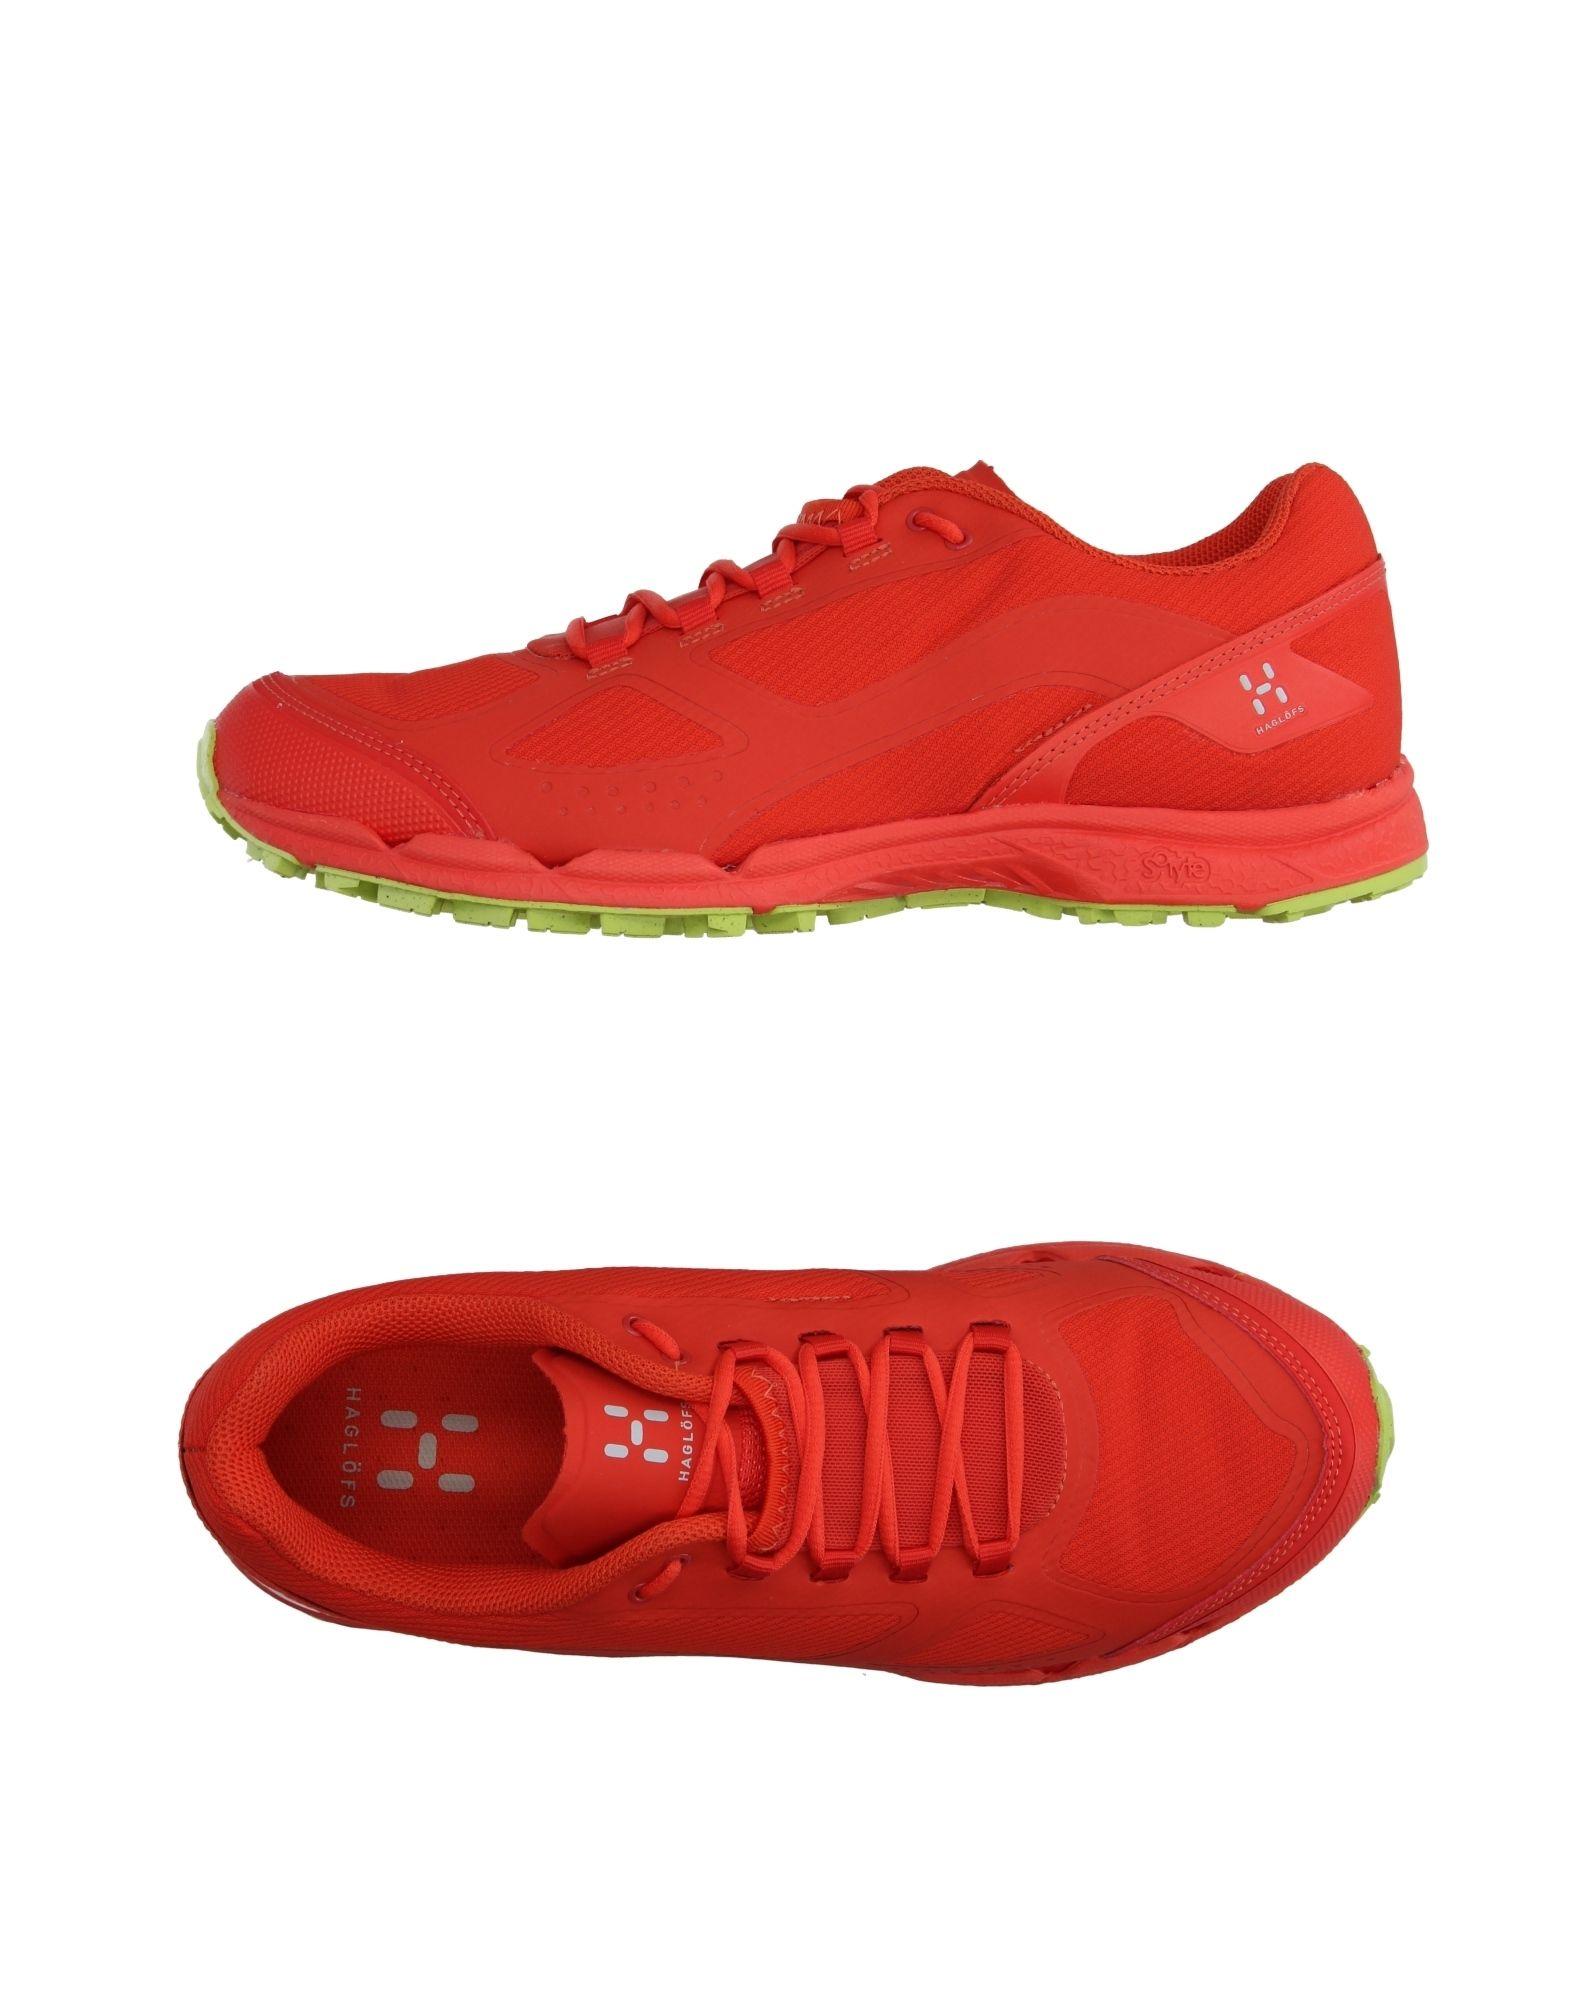 Rabatt echte Schuhe Haglöfs Sneakers Herren  11105085JL